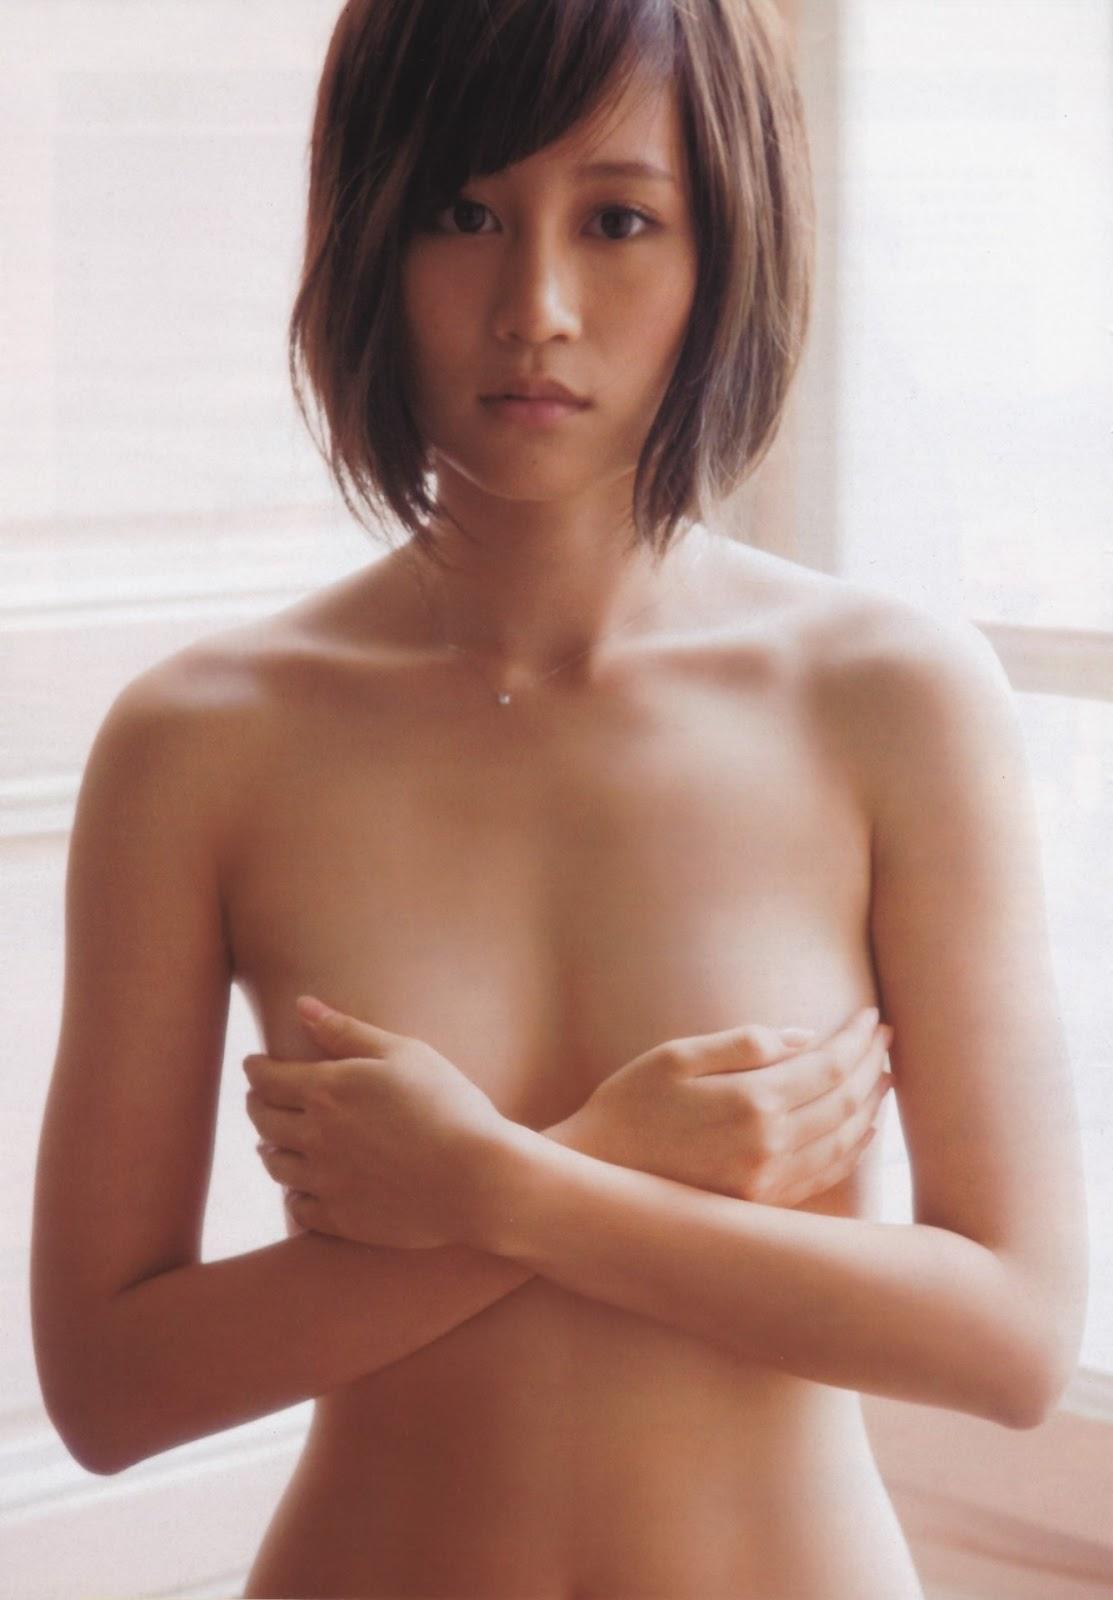 TYPE AKB48 - Photos Videos News: Atsuko Maeda Sexy 2 pics ...